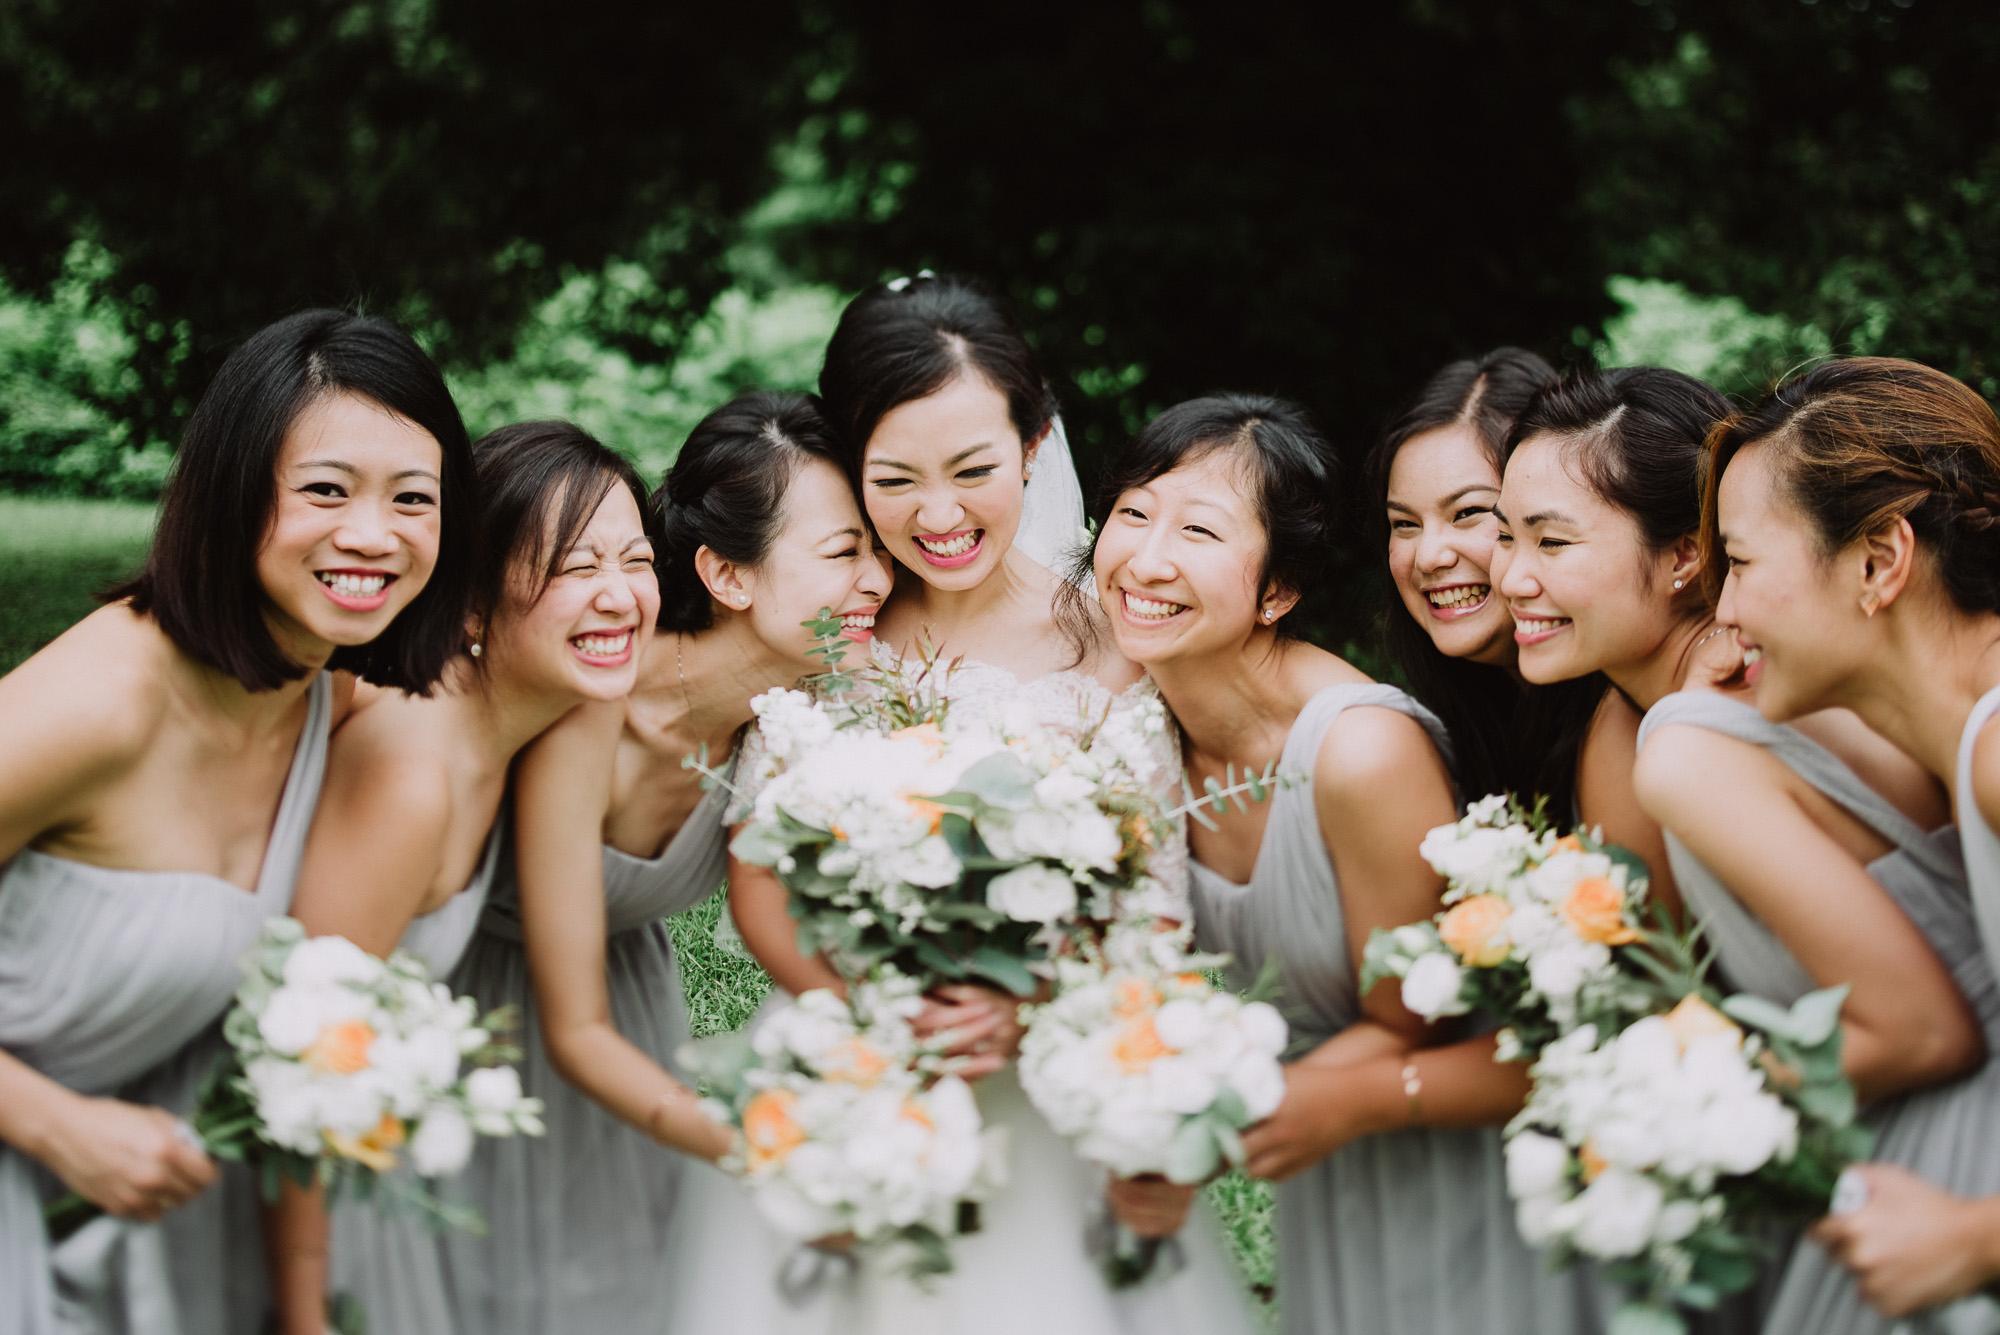 Singapore-wedding-photography-71